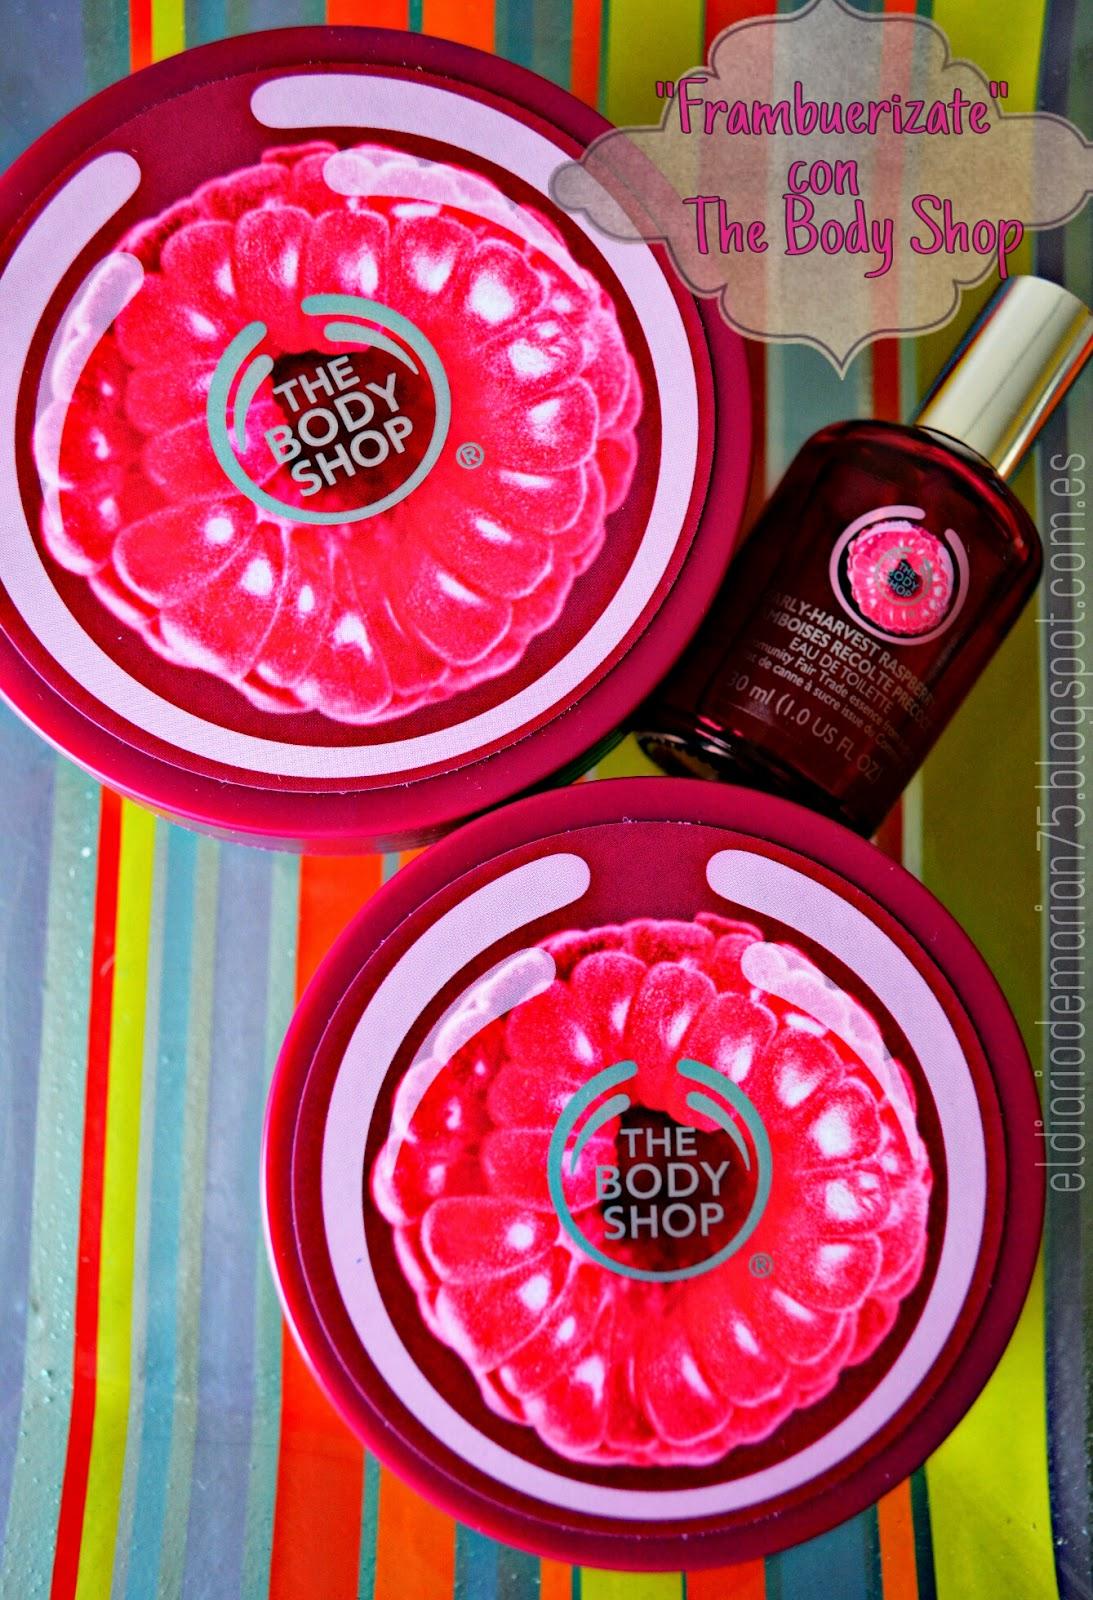 U0026quot Frambuerizate U0026quot  Con The Body Shop